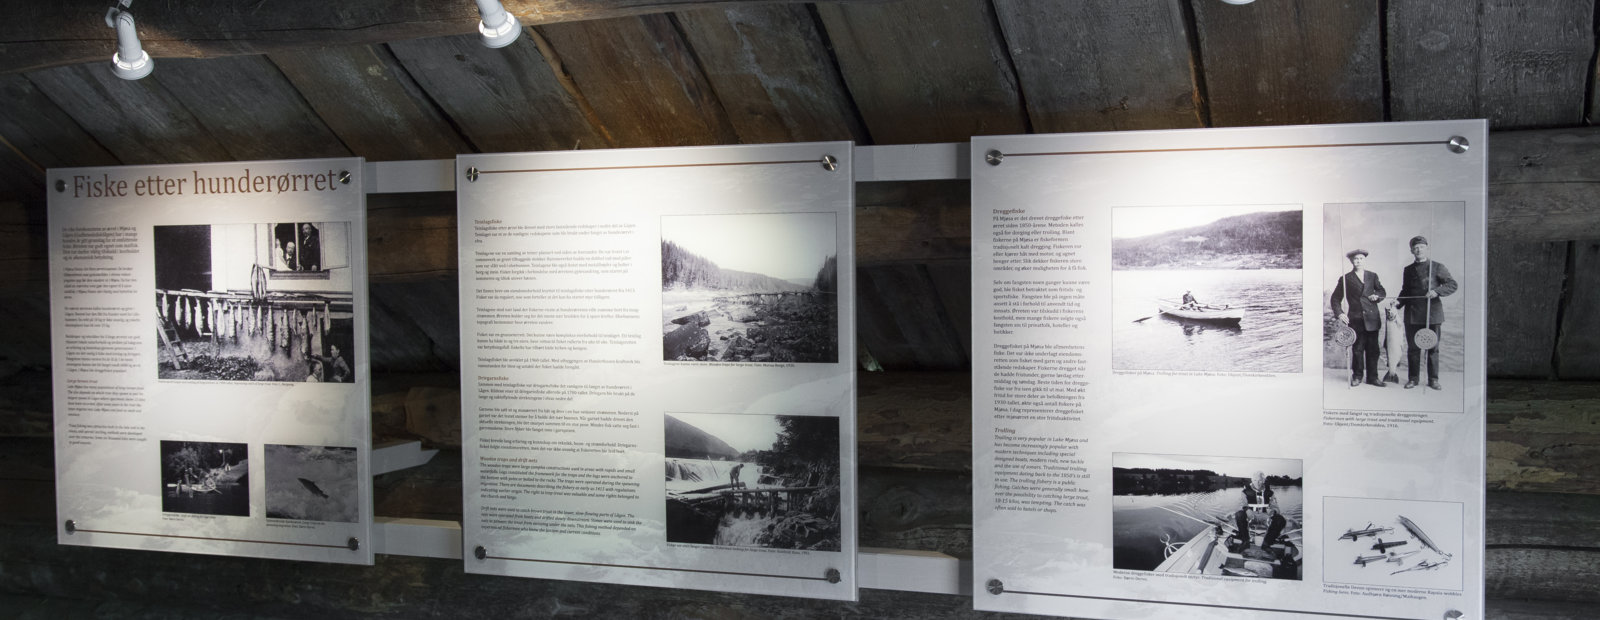 Utstilling Fiskevollen, Maihaugen, Lillehammer Foto: Audbjørn Rønningen.